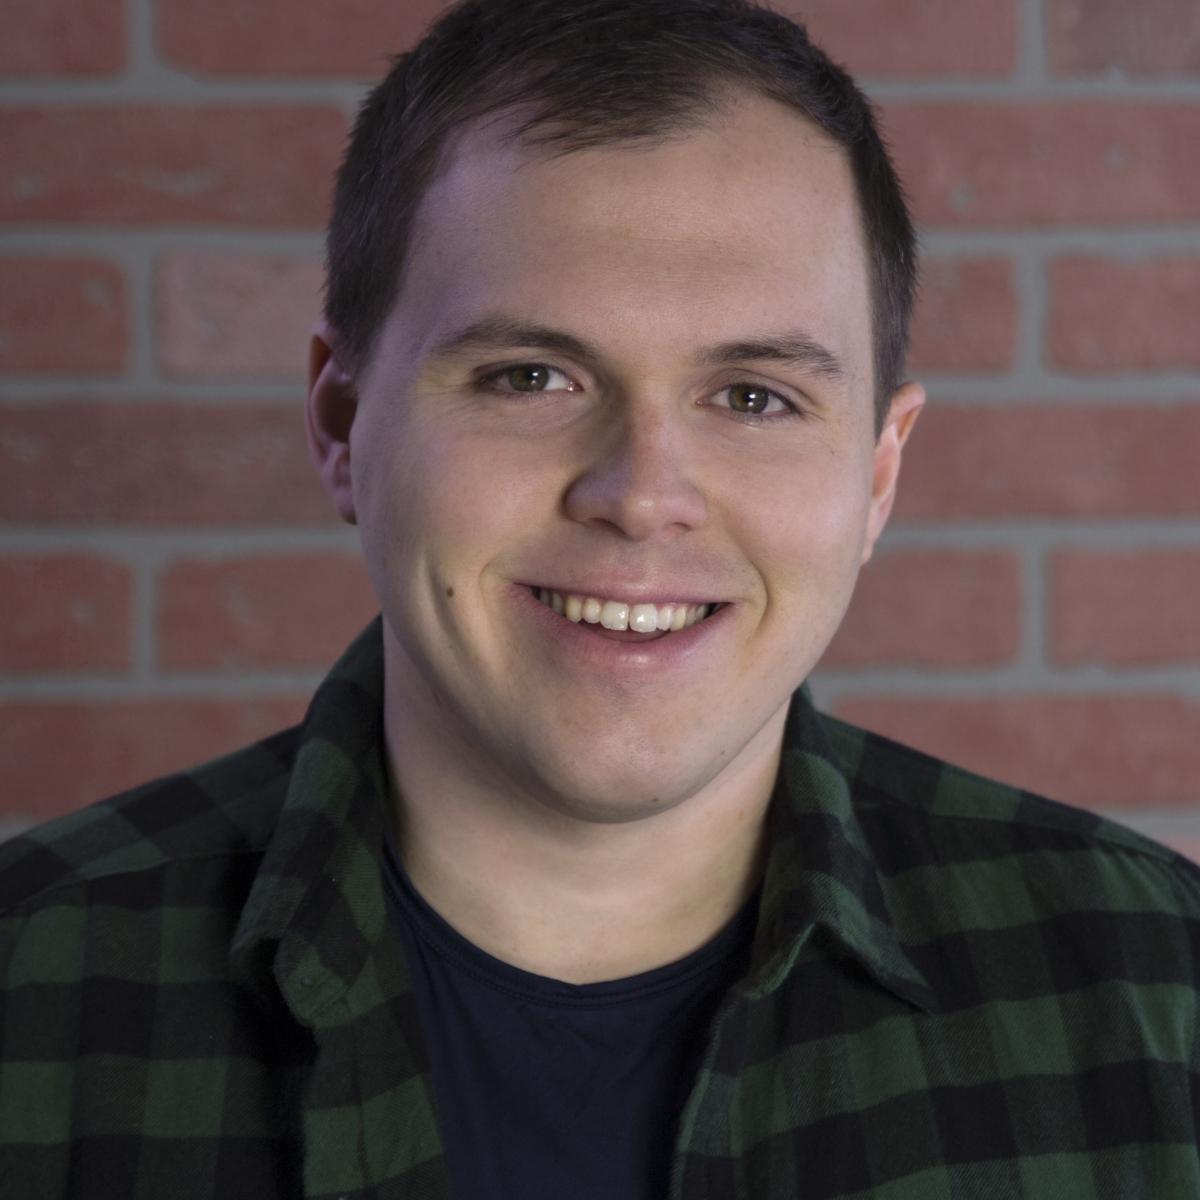 Kyle Mitchell